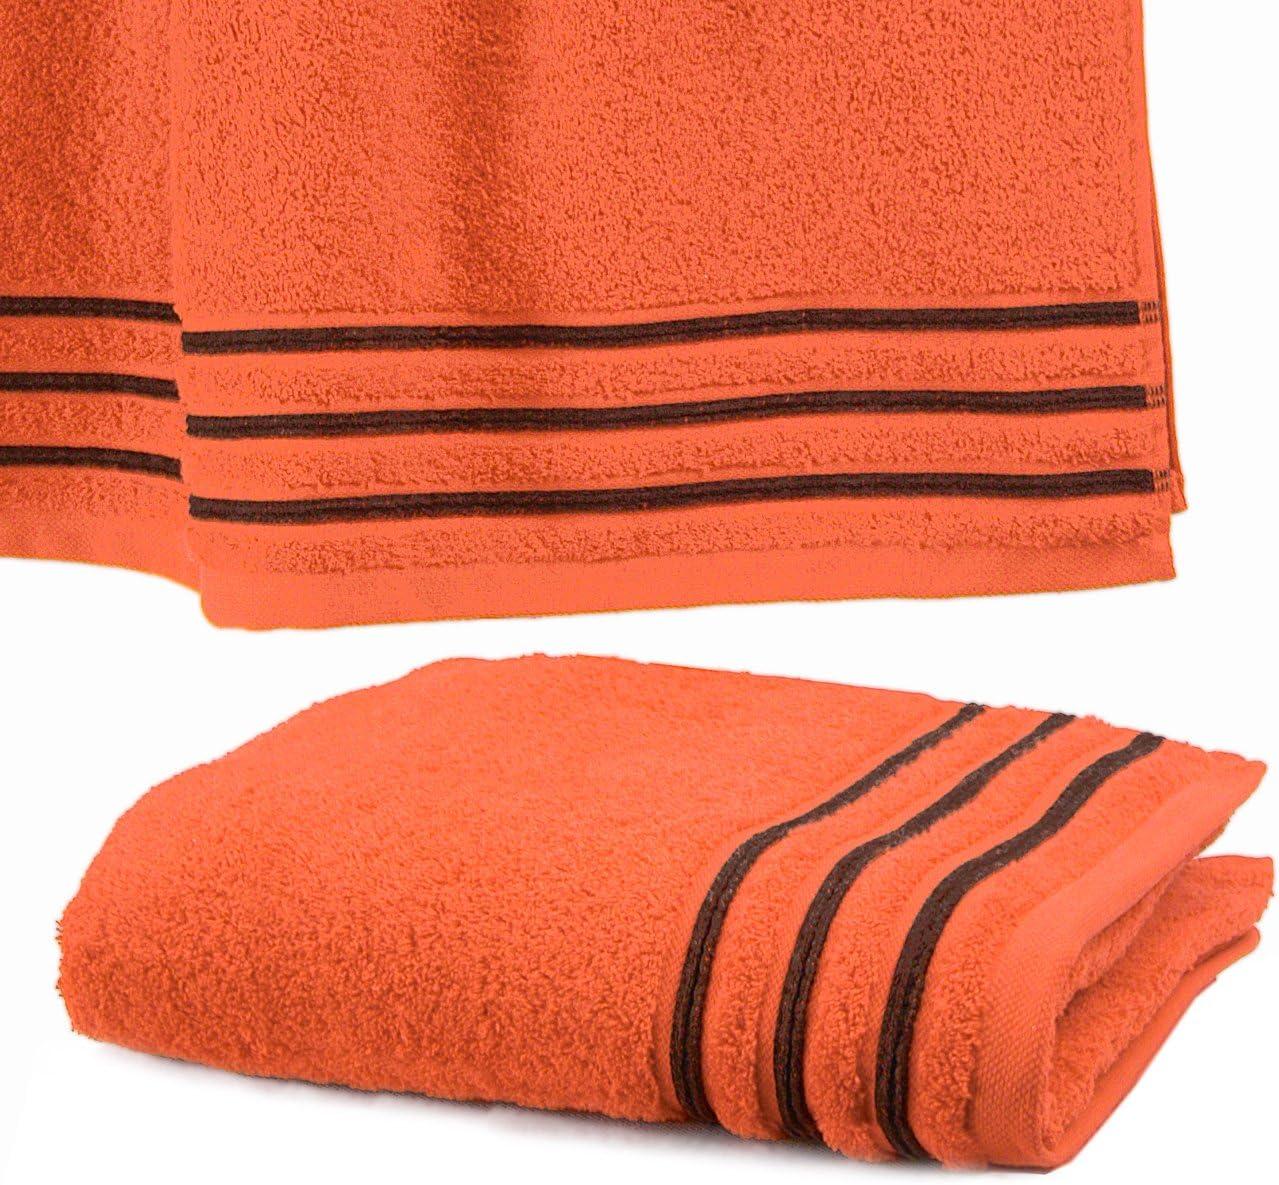 550 grS//m2 Orange avec Liserets Chocolat Drap De Douche 70x140 cm 100/% Coton